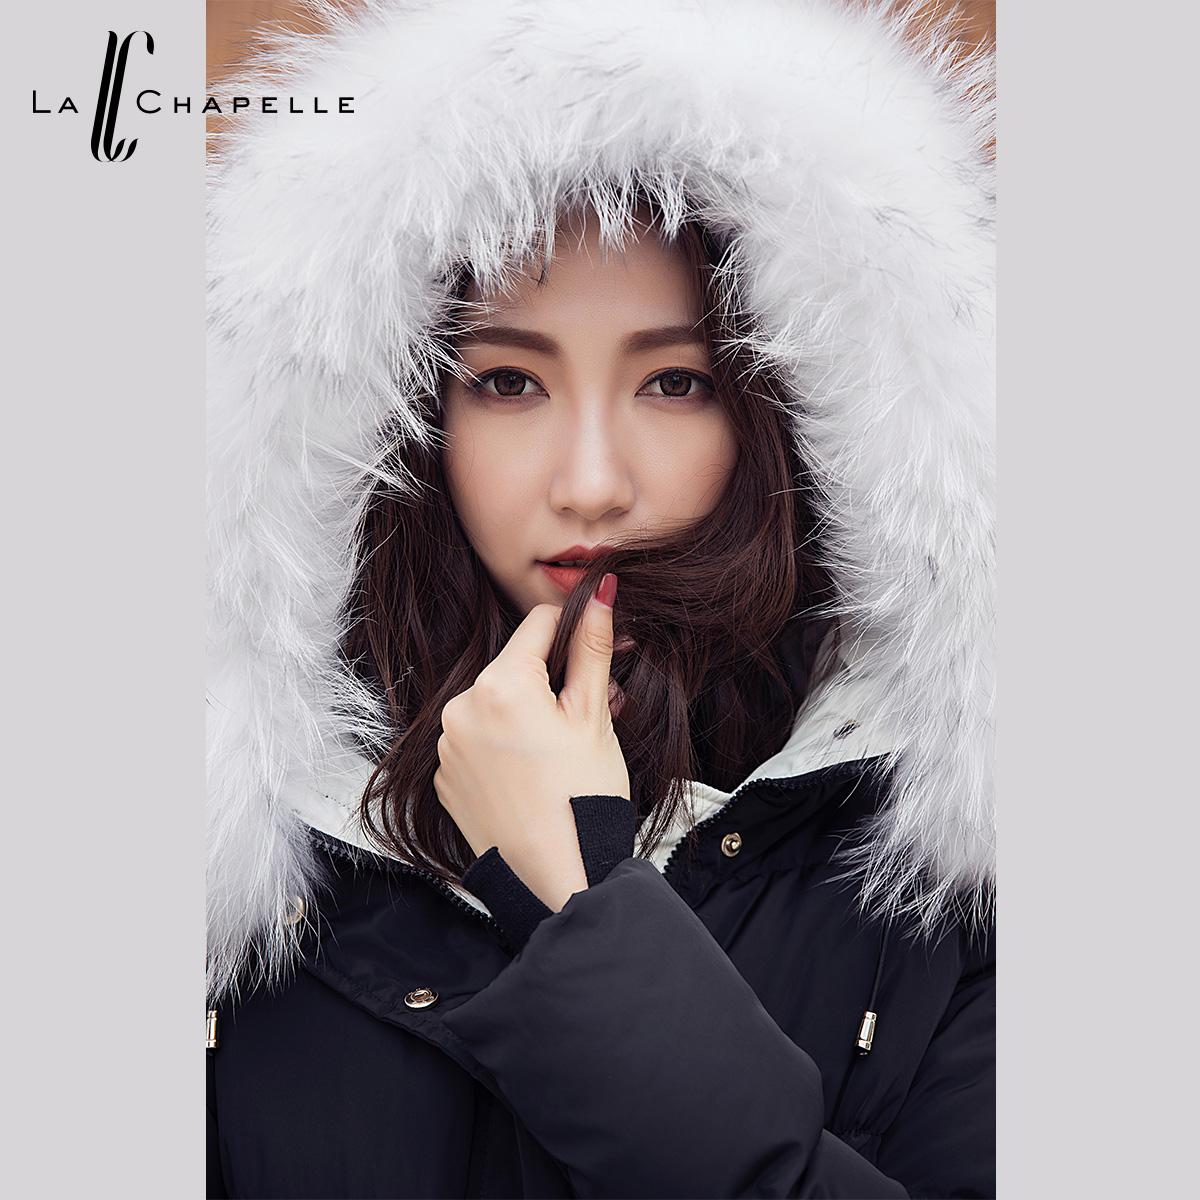 拉夏贝尔羽绒服 拉夏贝尔2016冬季新款韩版加厚长款白鸭绒毛领羽绒服女1001,1119_推荐淘宝好看的女拉夏贝尔羽绒服